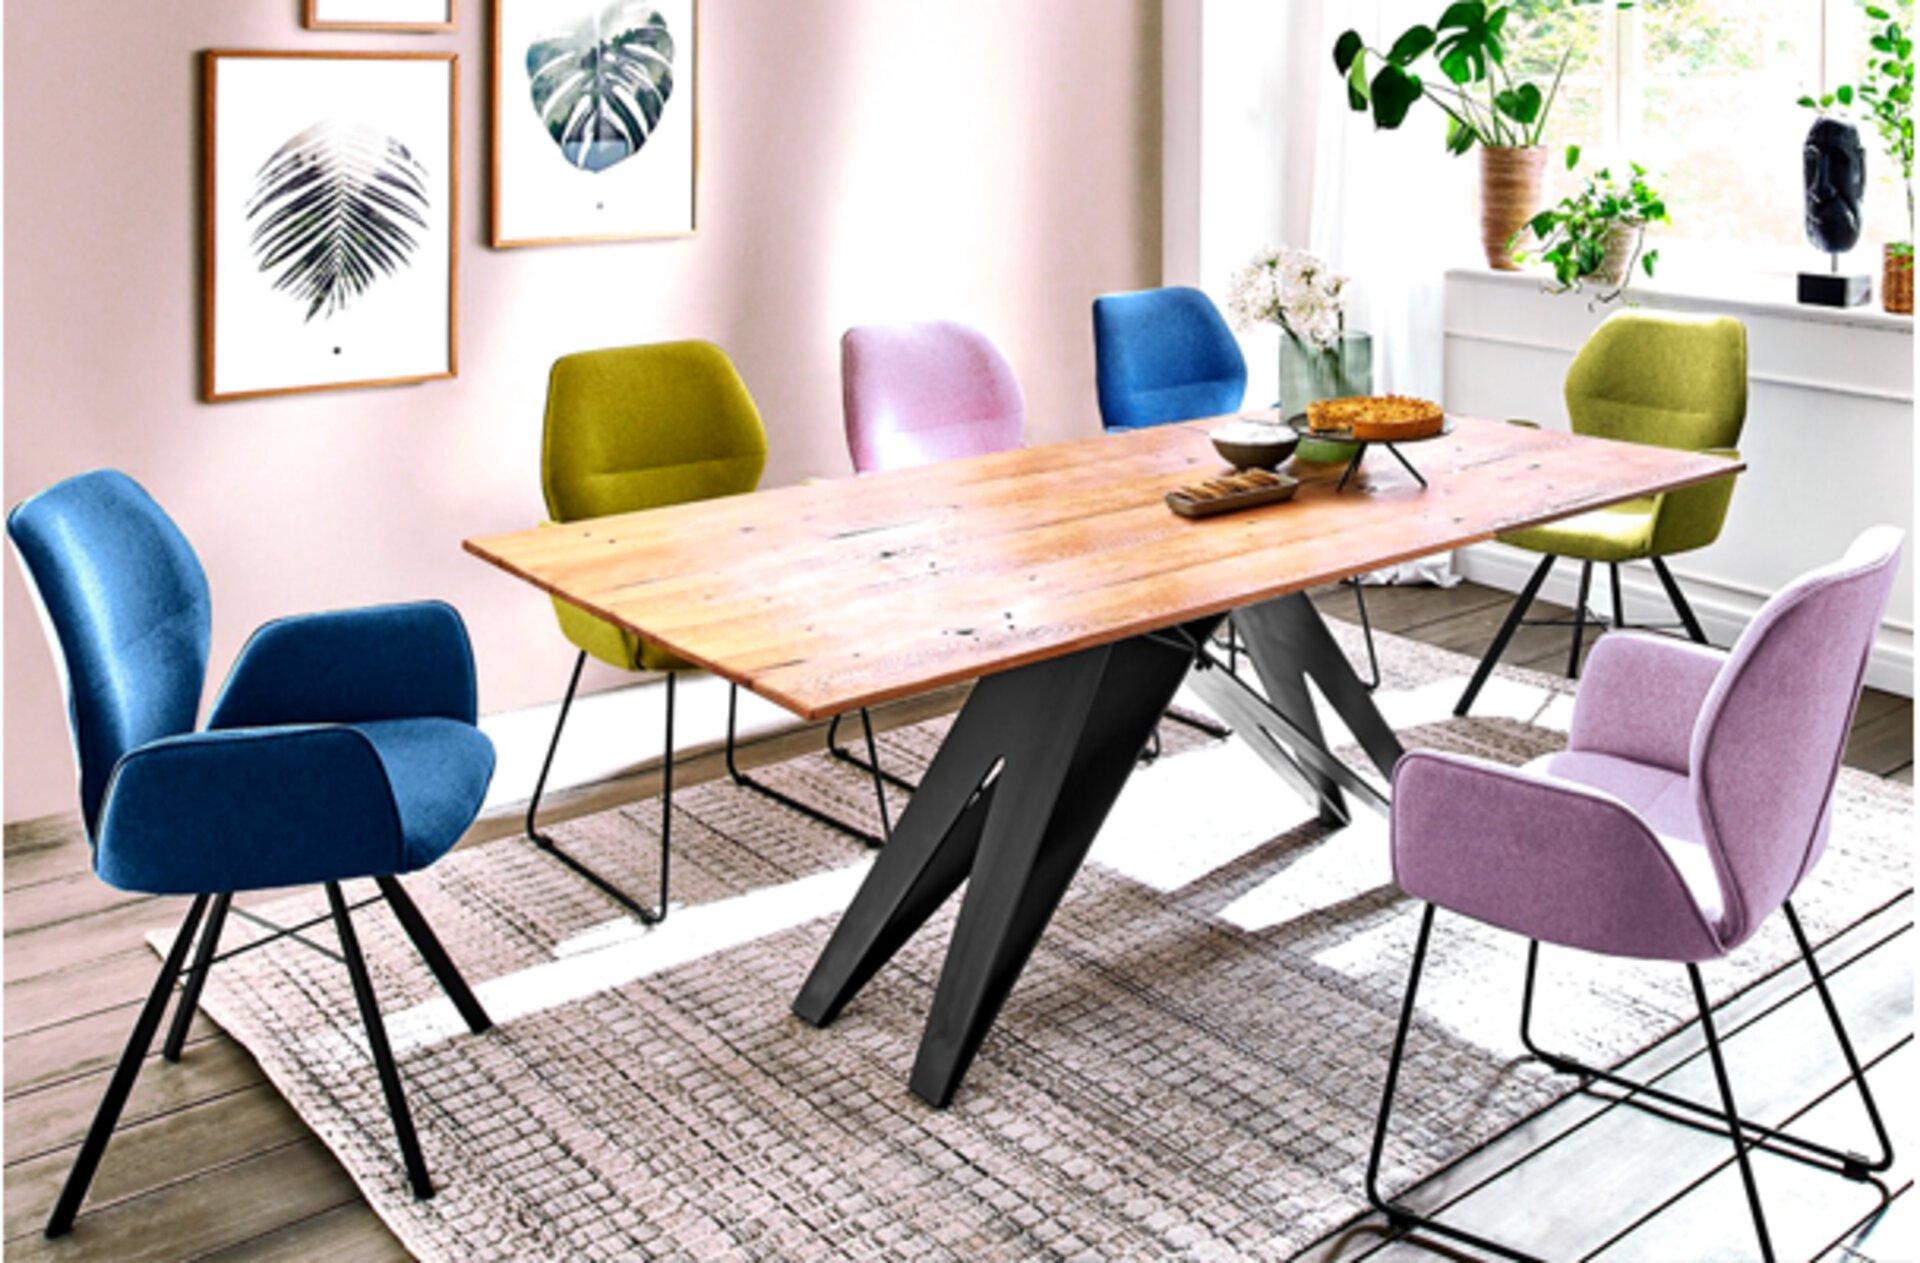 Esstisch mit bunten Schalenstühlen